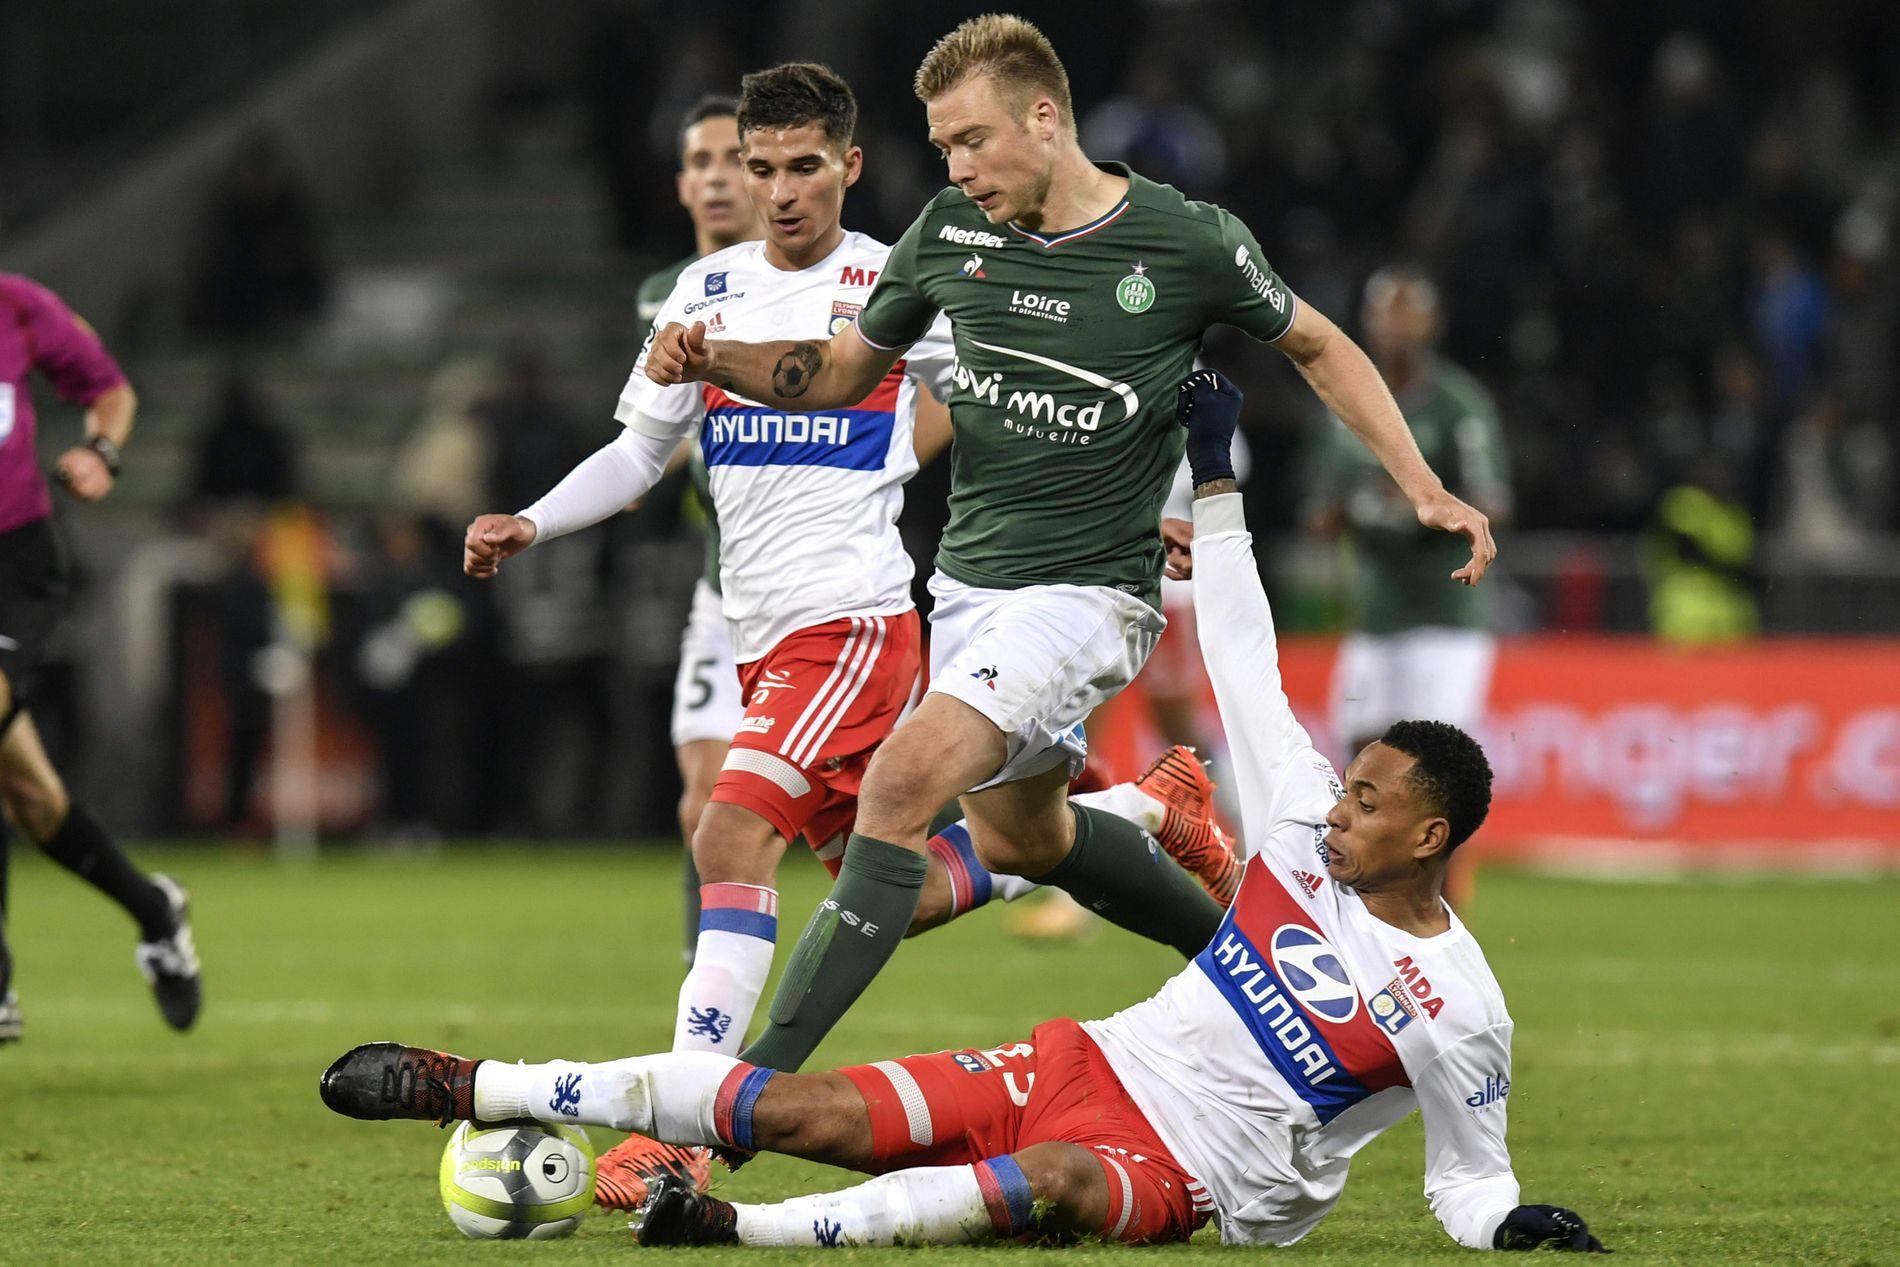 TRENERENS SISTE: Her blir Alexander Søderlund taklet av Lyon-spiller Kenny Tete under Saint-Étiennes 5-0-tap mot erkerival Lyon. Det ble Óscar Garcías siste kamp som trener for klubben.